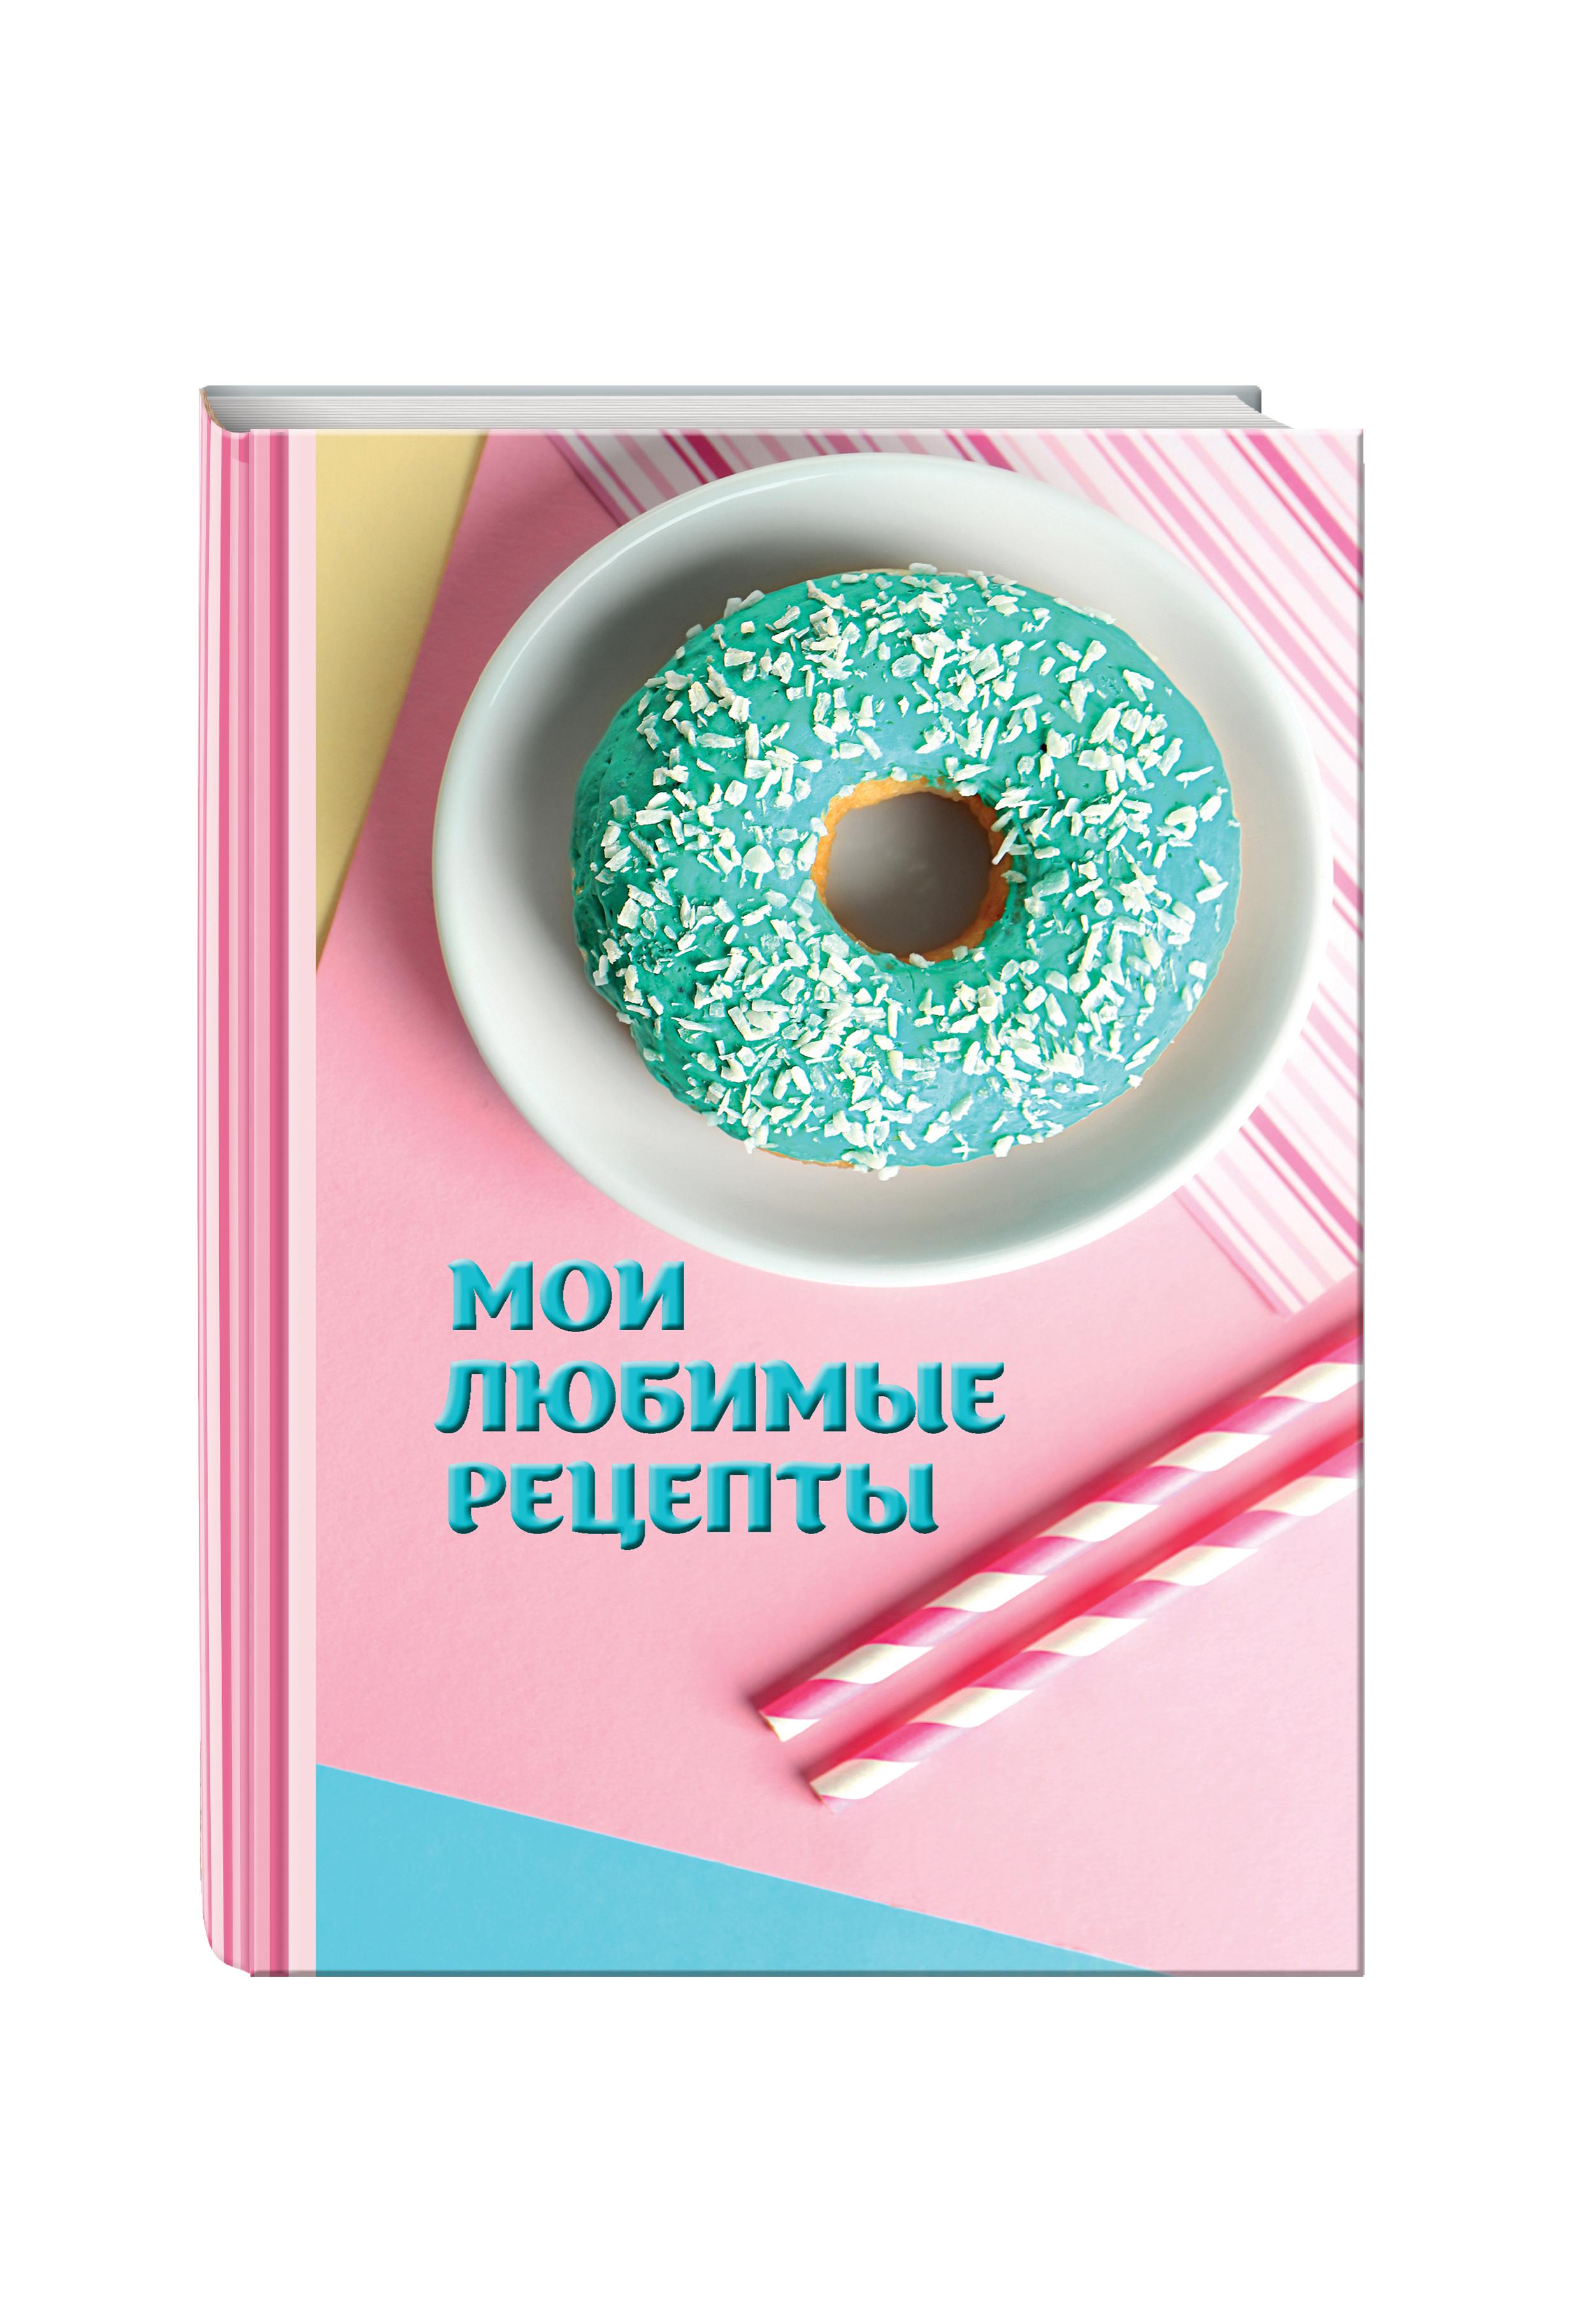 Мои любимые рецепты. записи (а5_Пончики)